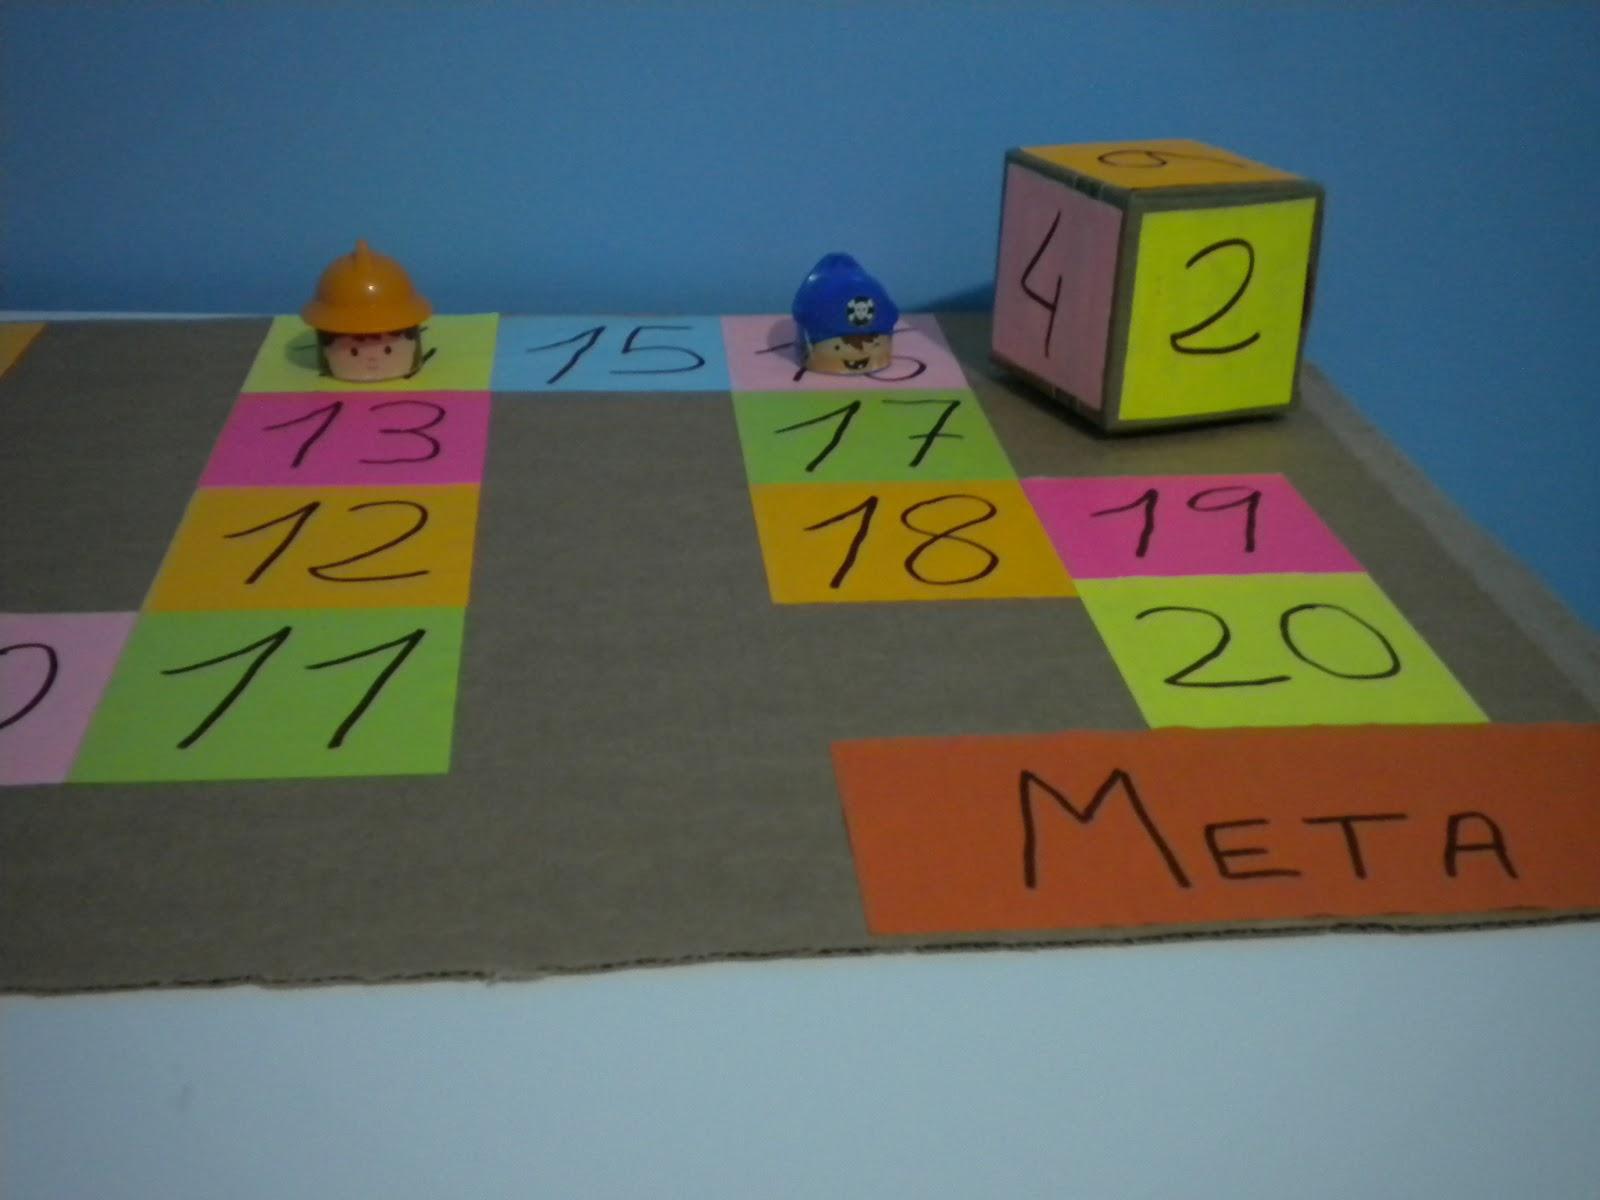 en el enlace del blog para mi peque con amor que he puesto al principio podis ver la explicacin para jugar con colores para jugar con nmeros